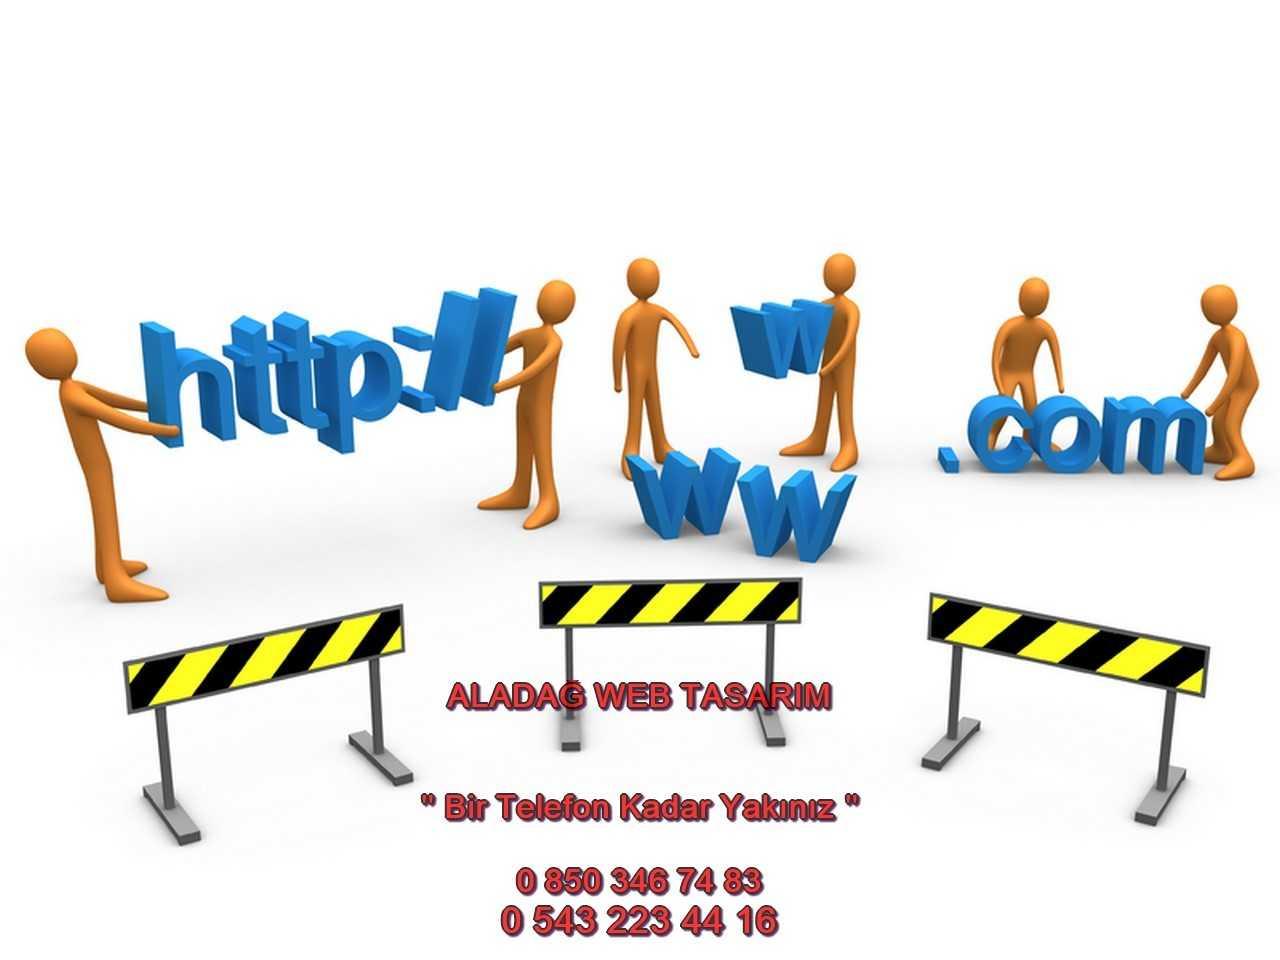 Aladağ Web Tasarım